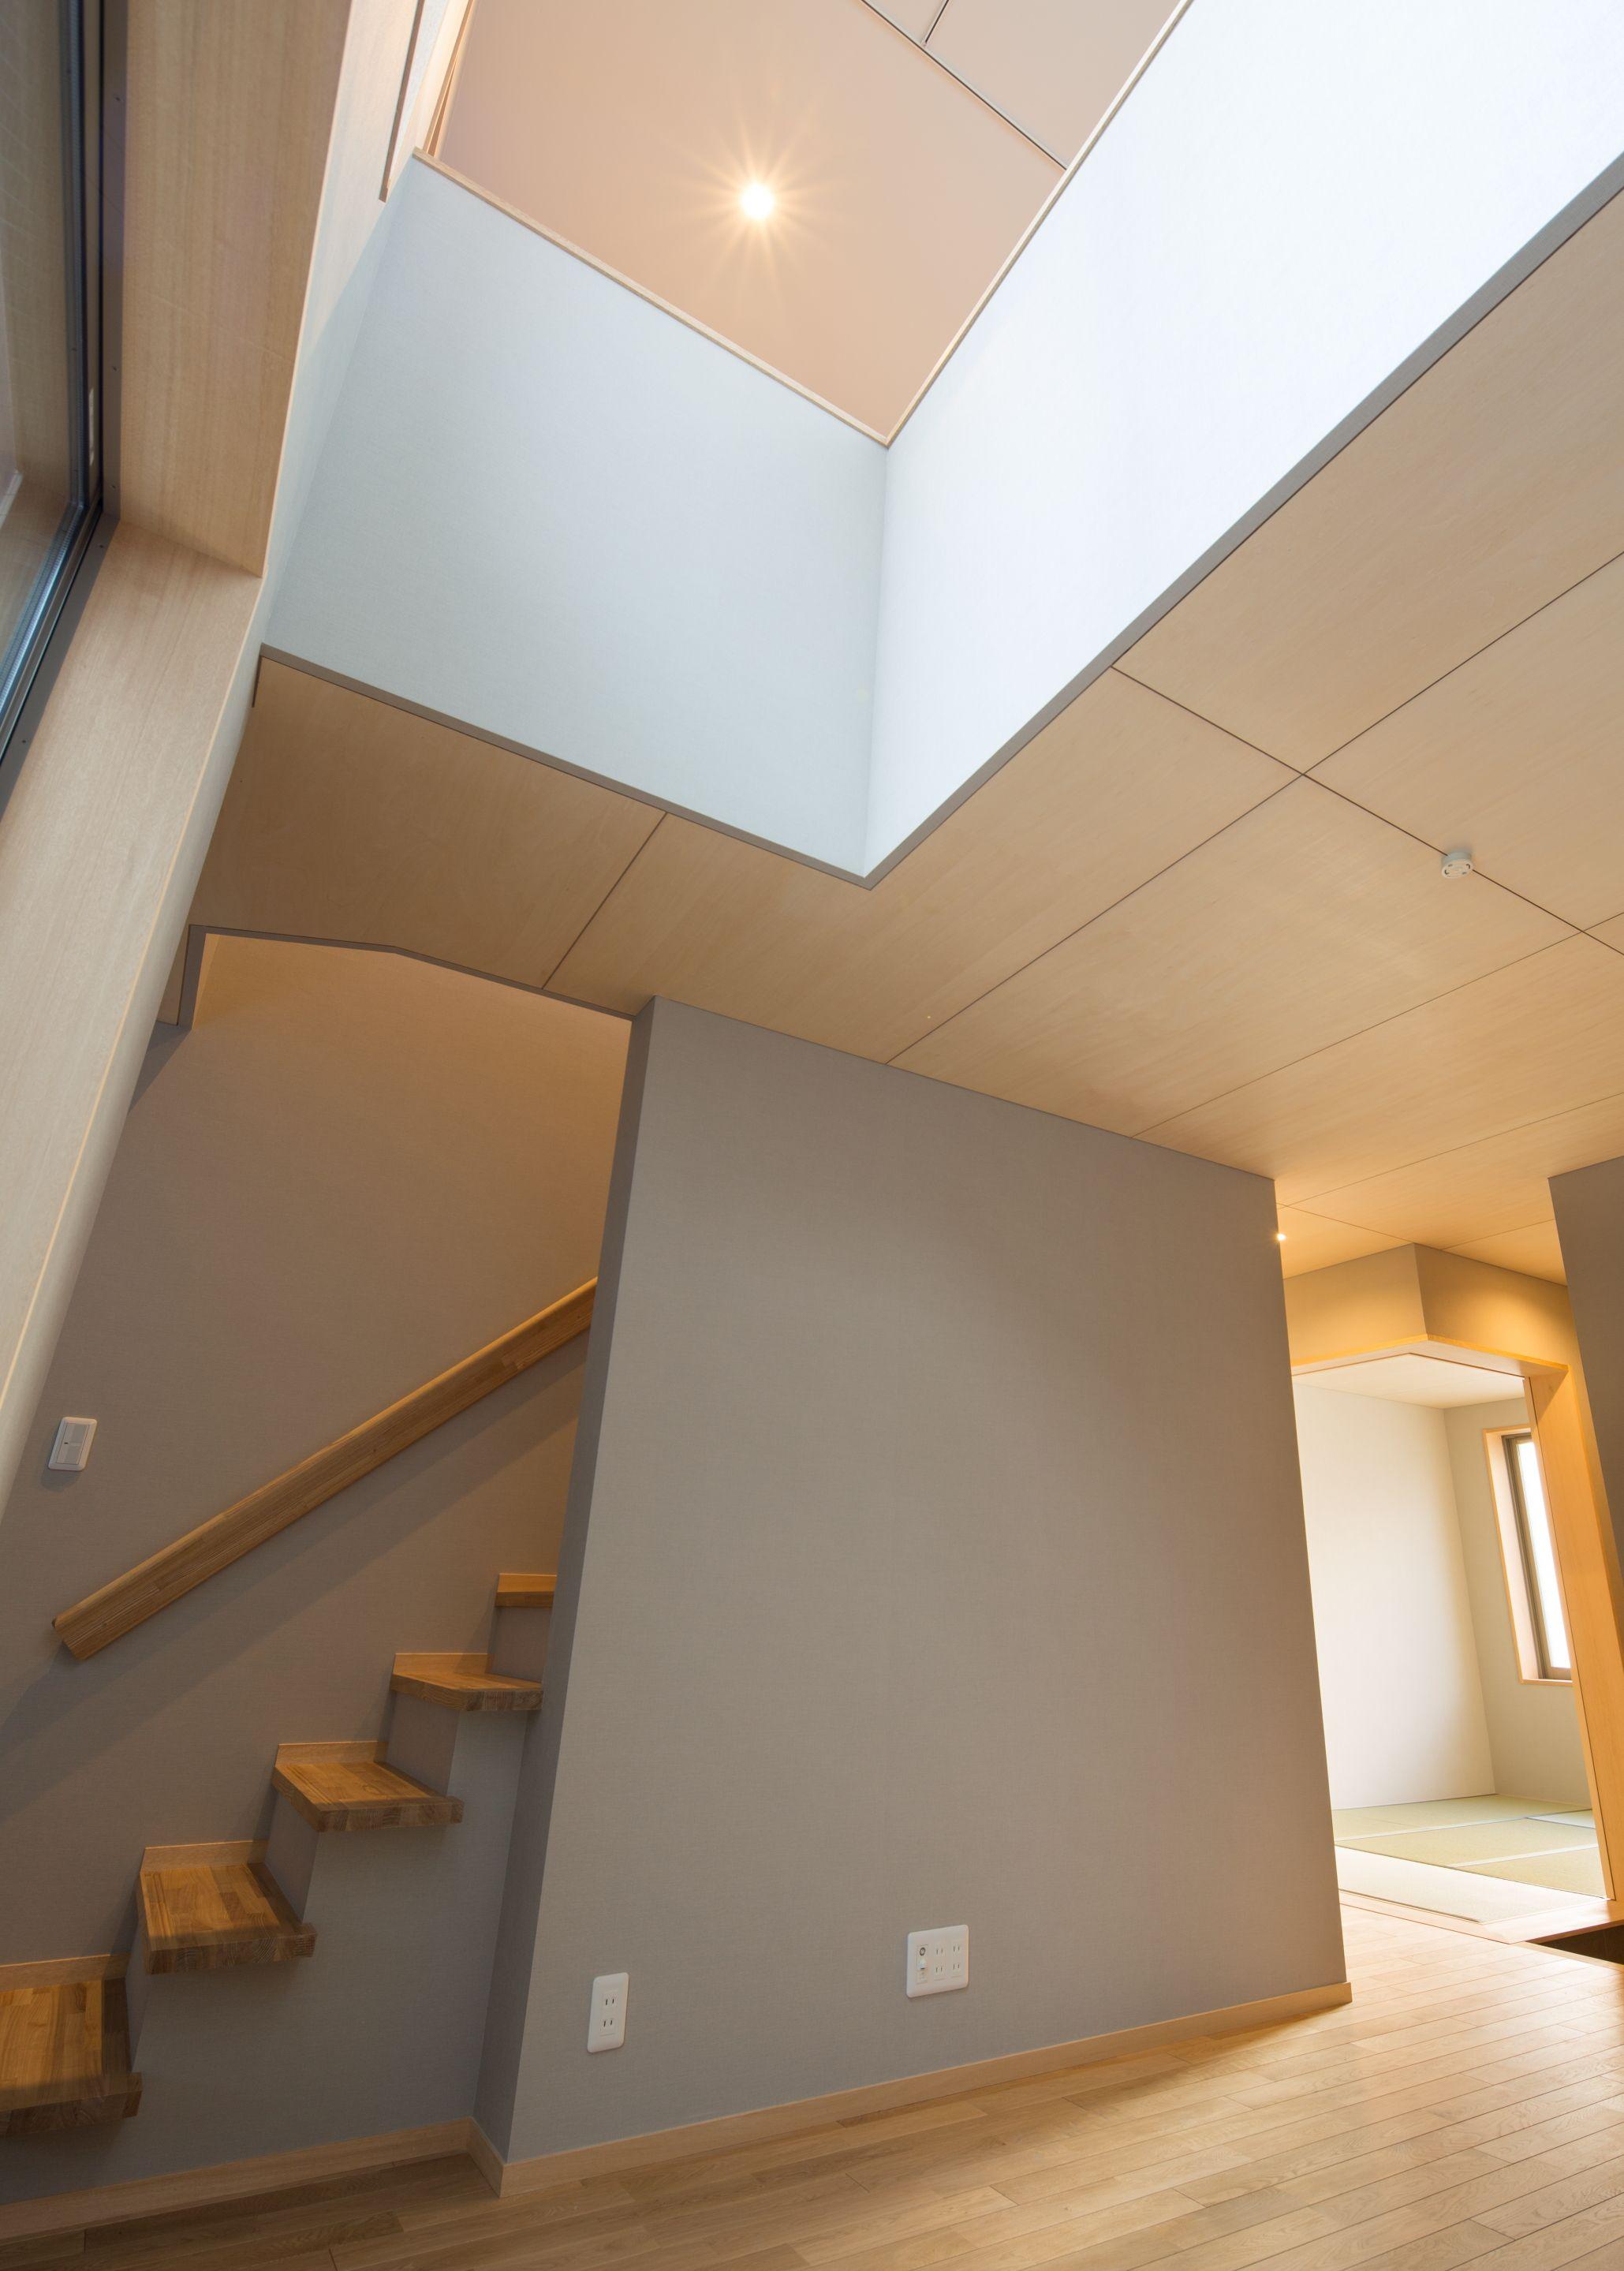 インテリア 天井はシナ合板 住宅 天井 家